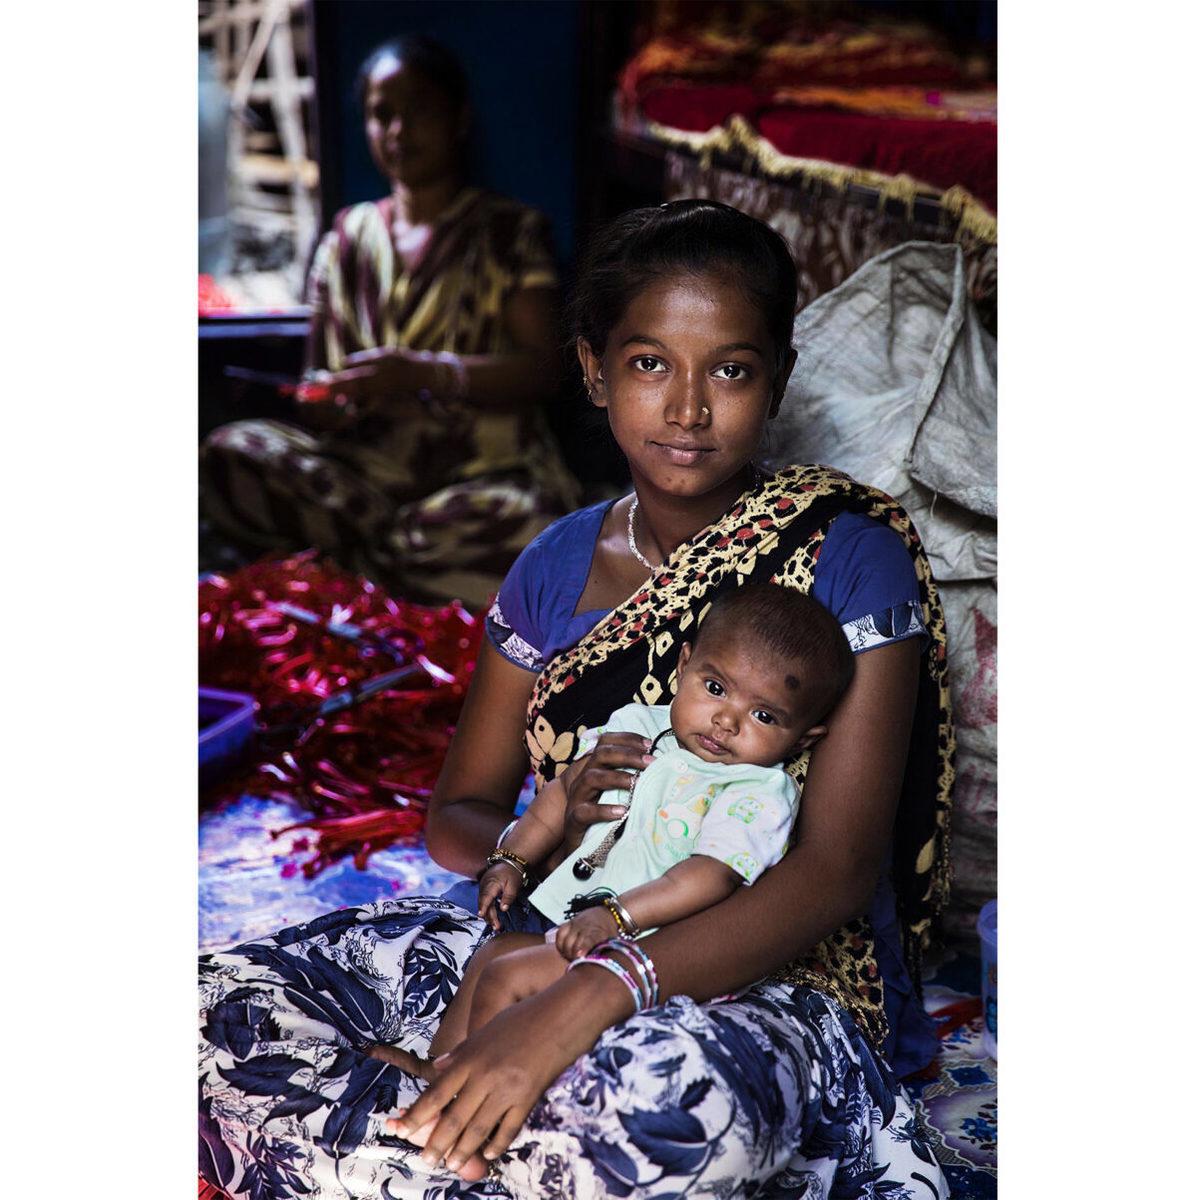 印度加爾各答的母女。(米哈艾拉提供)